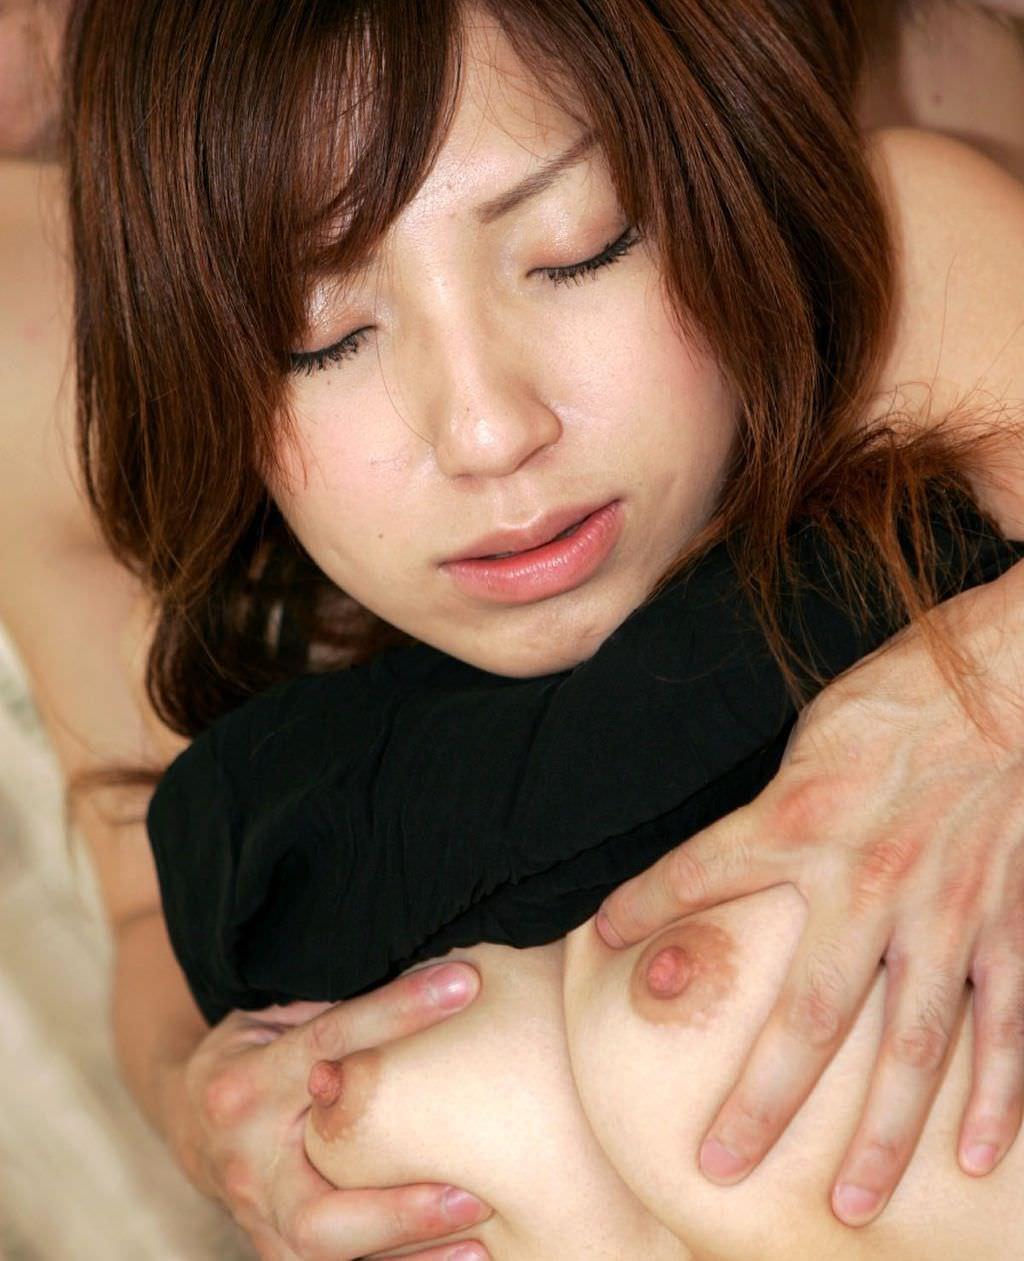 乳房を強く揉まれている女の子 (3)